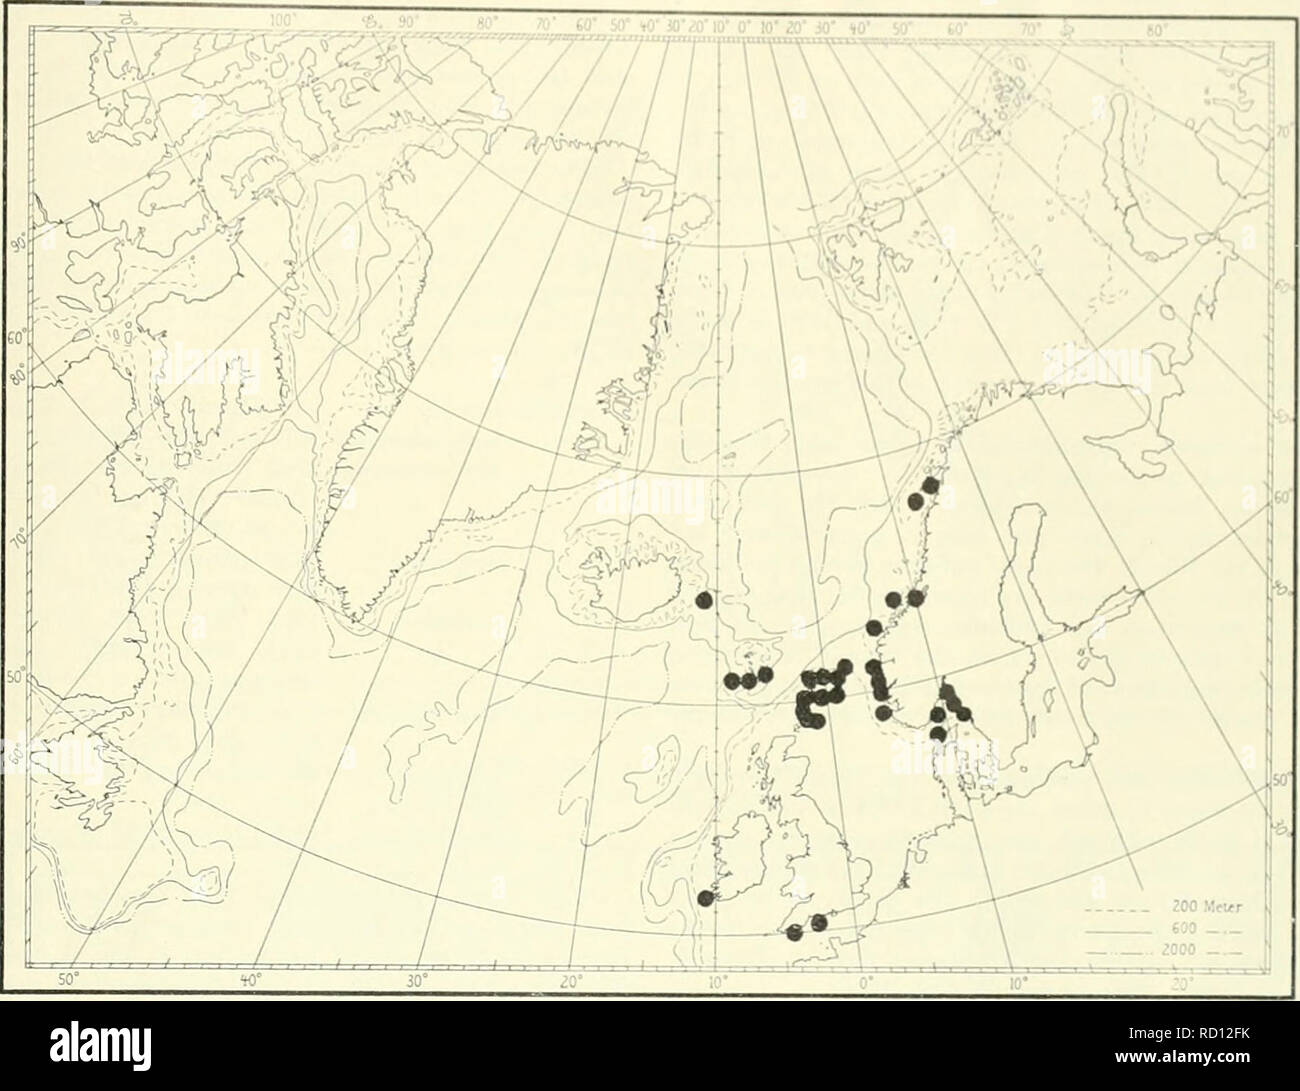 . Ingolf danés-expedición. Los animales marinos -- las regiones árticas; expediciones científicas; las regiones árticas. Yo IKI 11 estrictamente europeo, e il ,,| 00ndi1 βt|v ha resumido en .1 papei bj Beoi h (V Scalpellum scaVpellun el Mediterrai a lo largo de las costas de Spaii nd Pot B aunque datos detallados 1 (J0r hay anj partii desde Insli y British wat el 1 aarl fig 6), donde las especies, según la literatura, es más abundante. La nortl yo imitar de la especie a1 es el Lofoti presenl al n de las islas. Yo por Broch (1924), pero er 1 ser cha 1 dirigidas hacia arriba en 1 aal papel. inly be ch d como un típico atlántico, Foto de stock